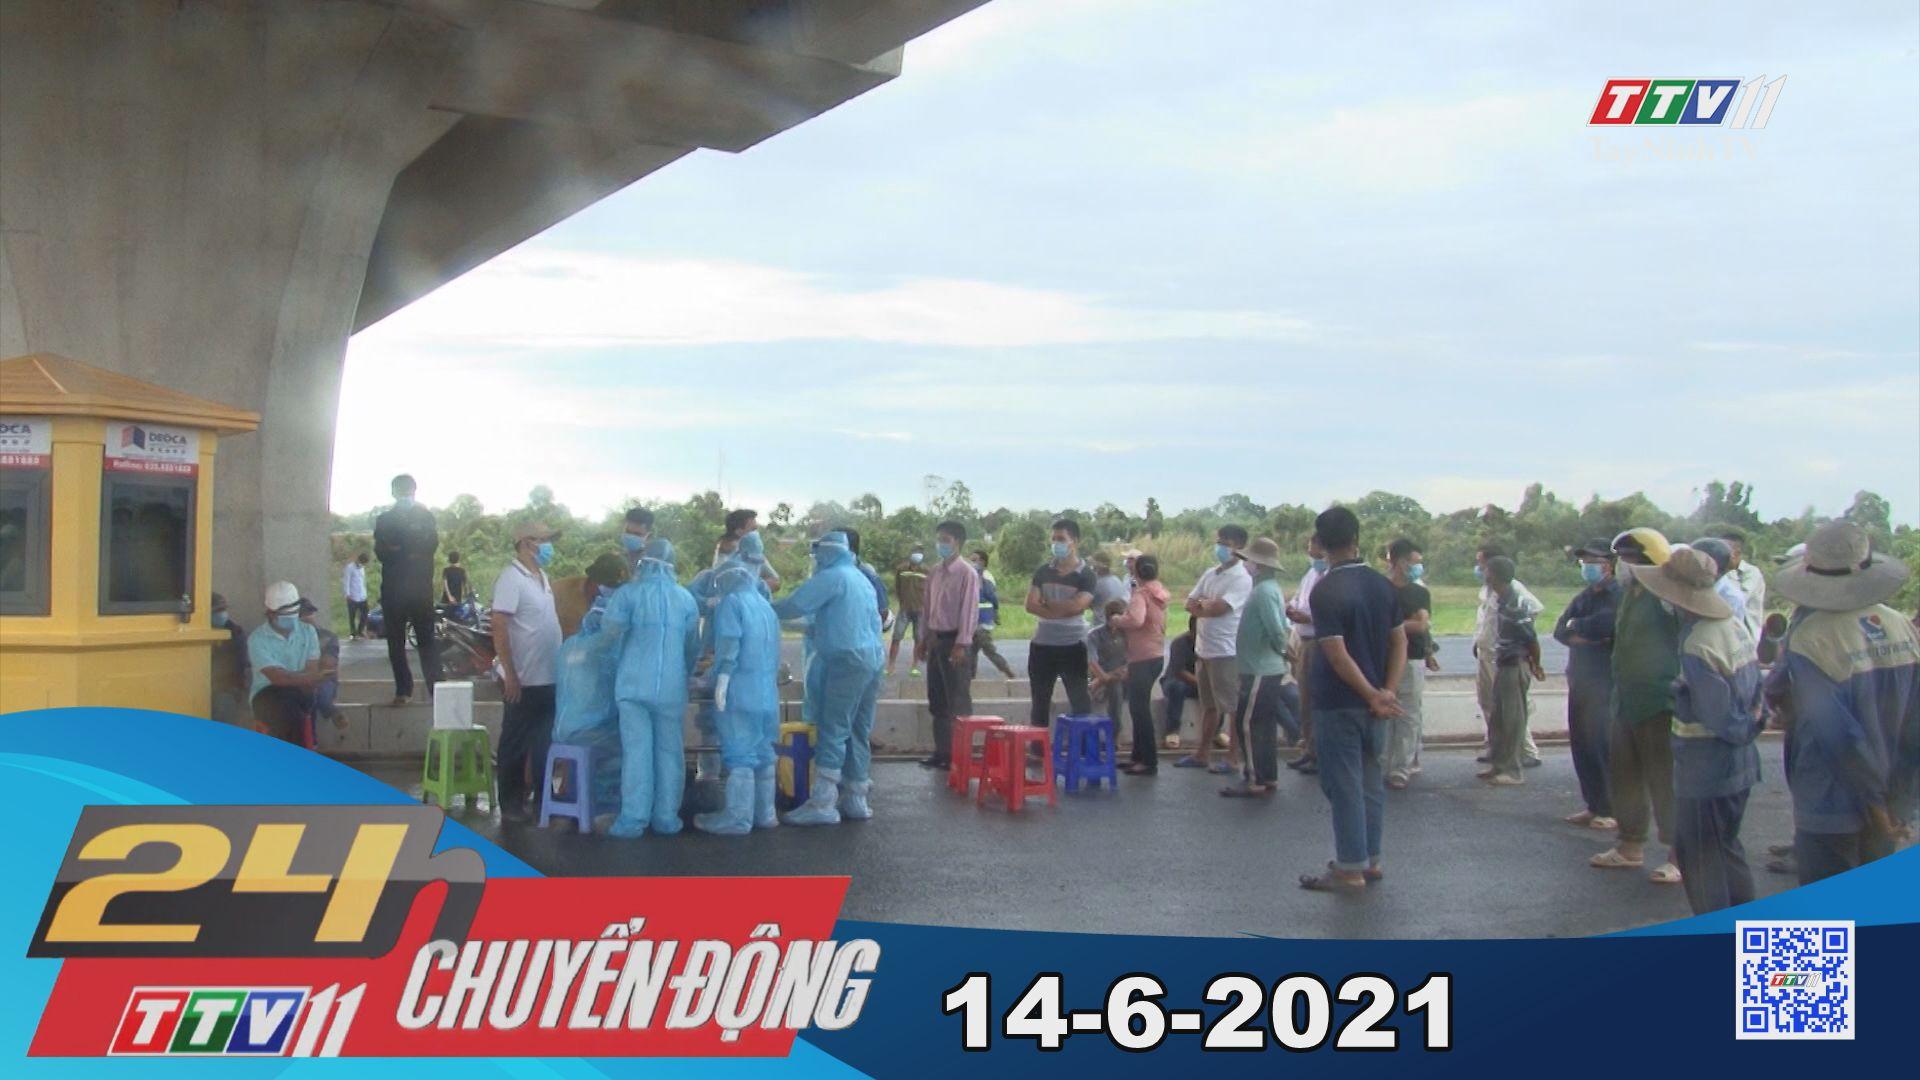 24h Chuyển động 14-6-2021 | Tin tức hôm nay | TayNinhTV